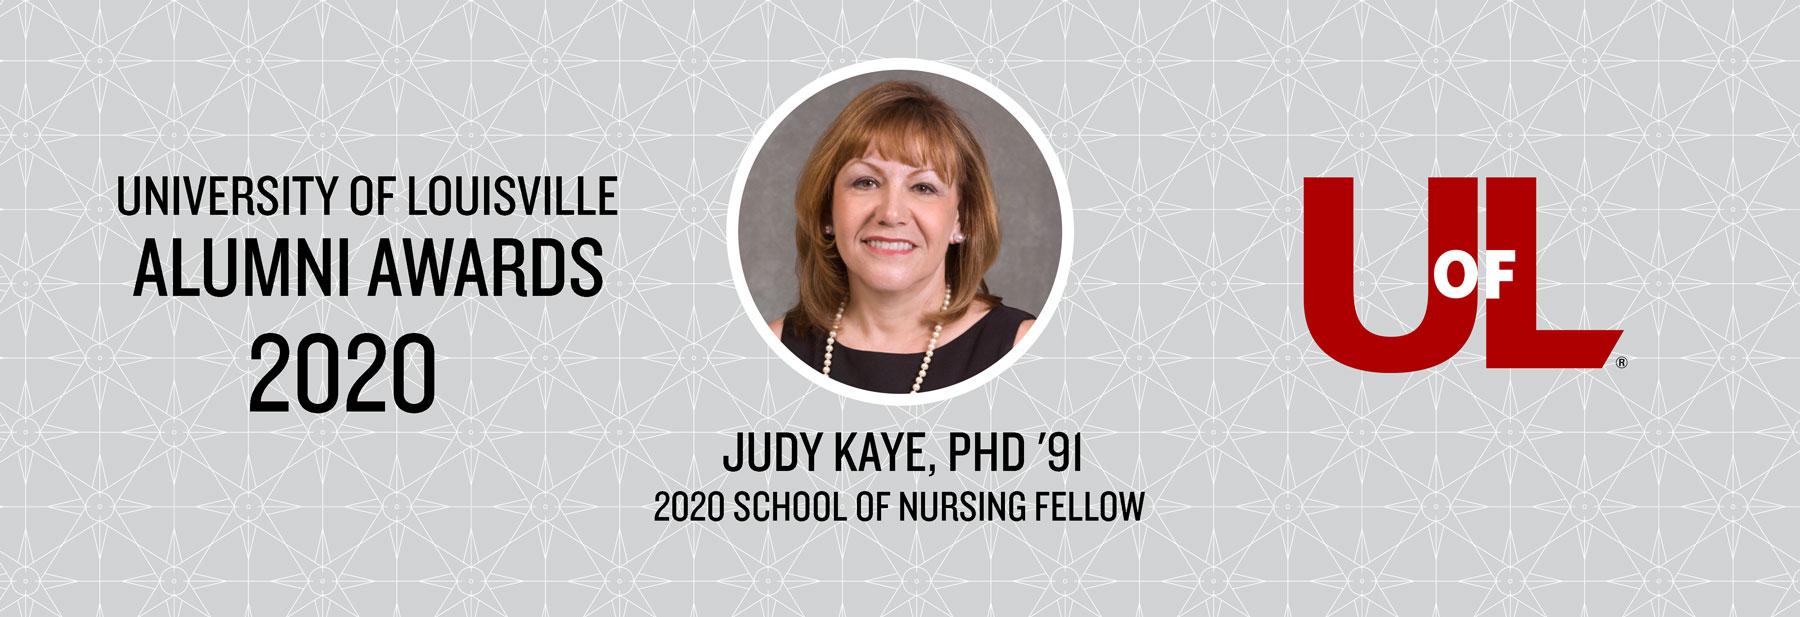 Judy Kaye, PhD, honored as 2020 School of Nursing Alumni Fellow.